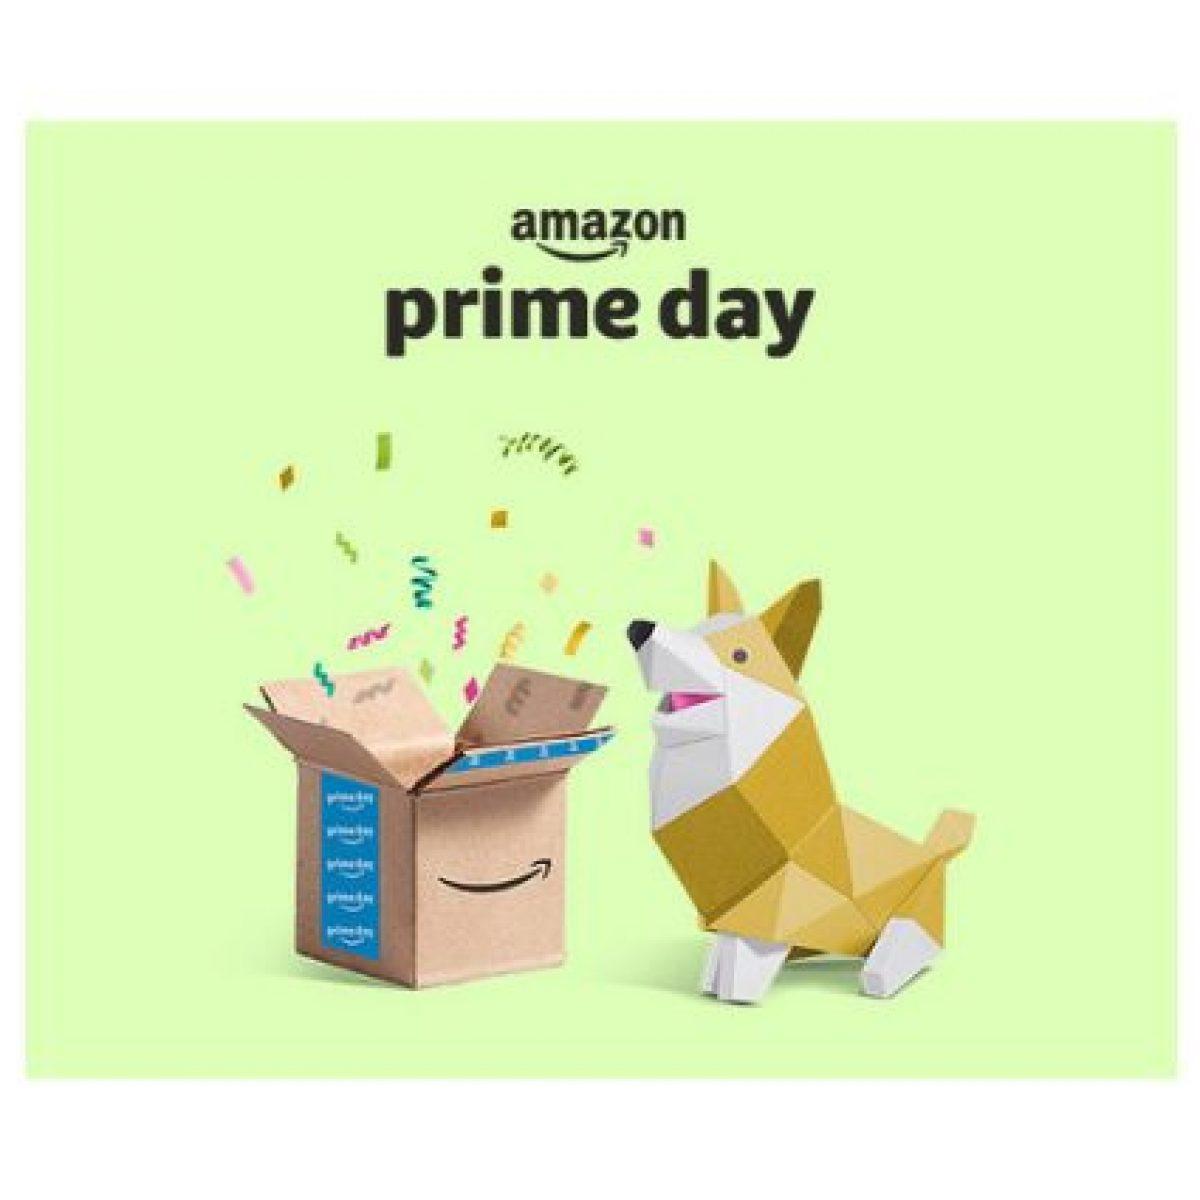 Day Approfittare Offerte Senza Prime 2019Come Amazon Delle Avere dshtrCxQ